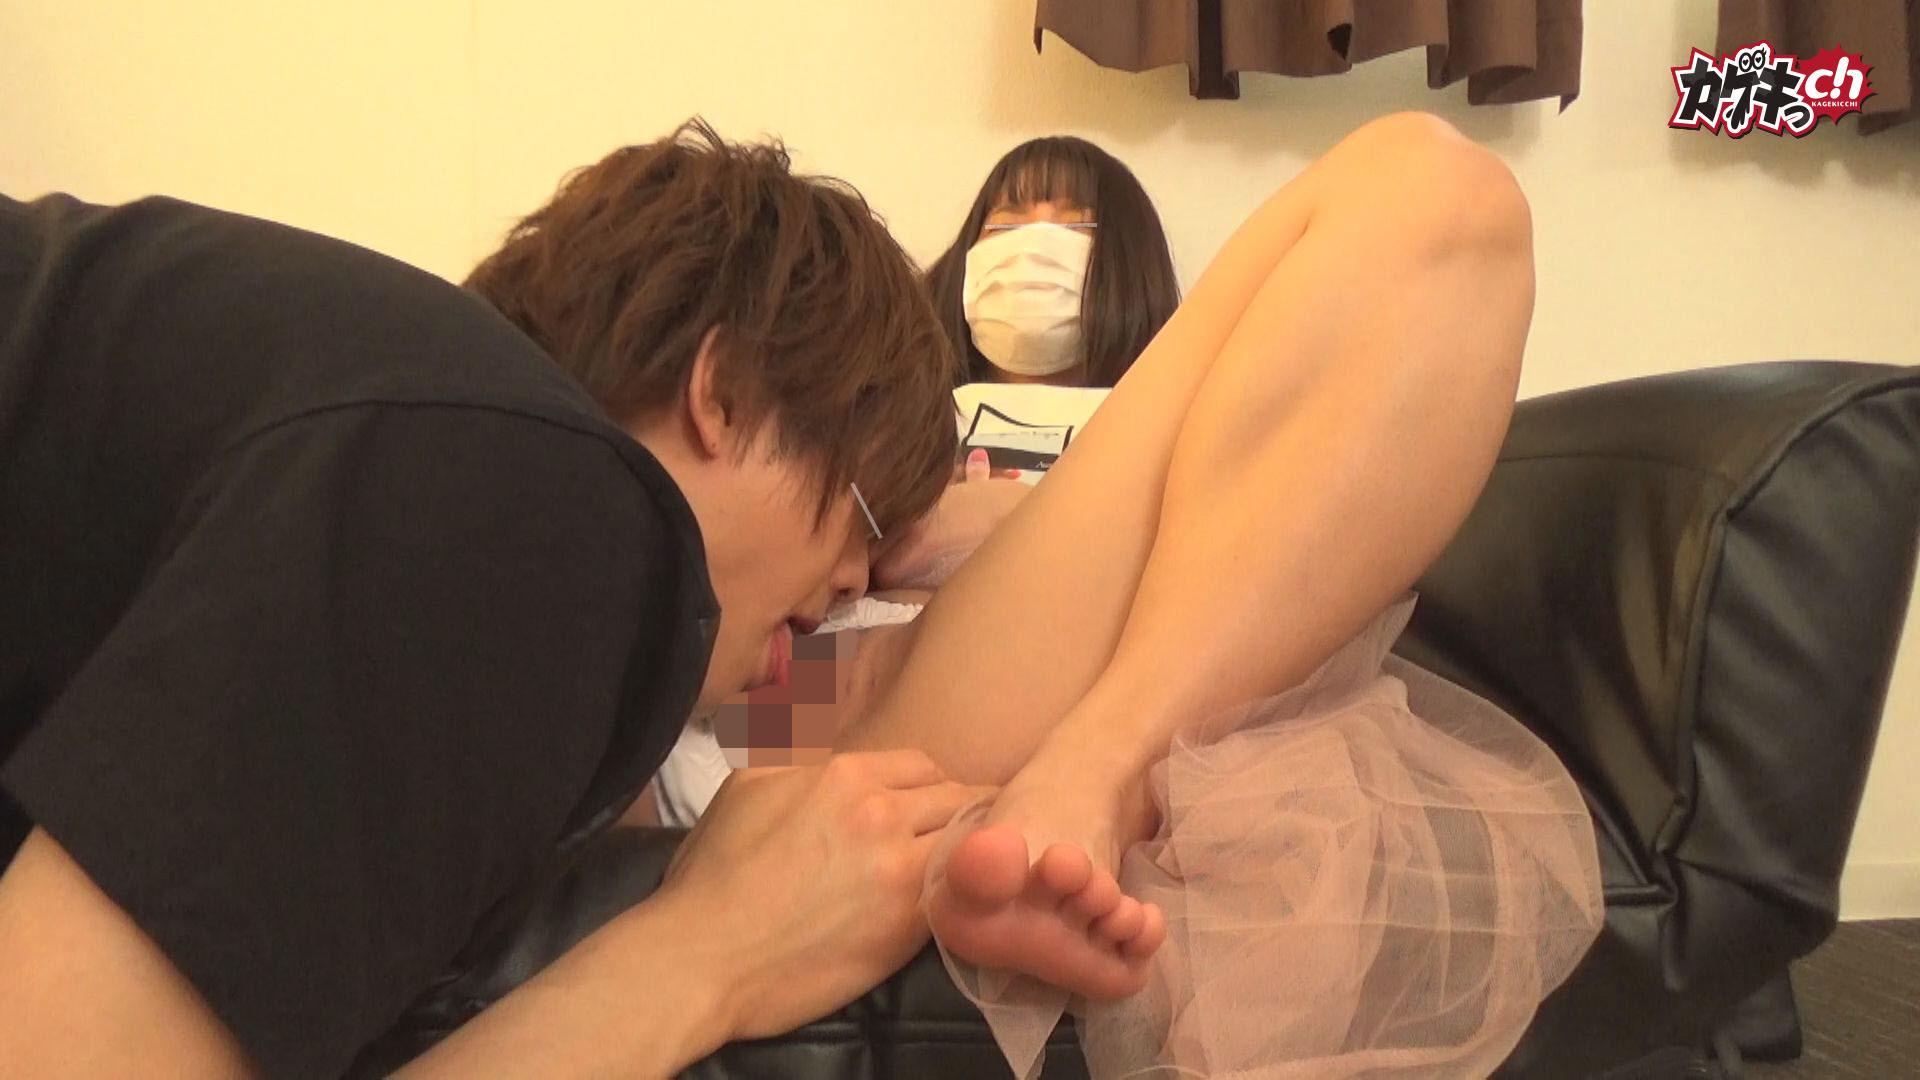 ニンゲン観察 エロ動画サイトの個人撮影にわざわざ田舎から上京してまで志願してきた、地味そうに見えて性欲沸騰してる欲求不満女のハメ撮りSEX 画像9